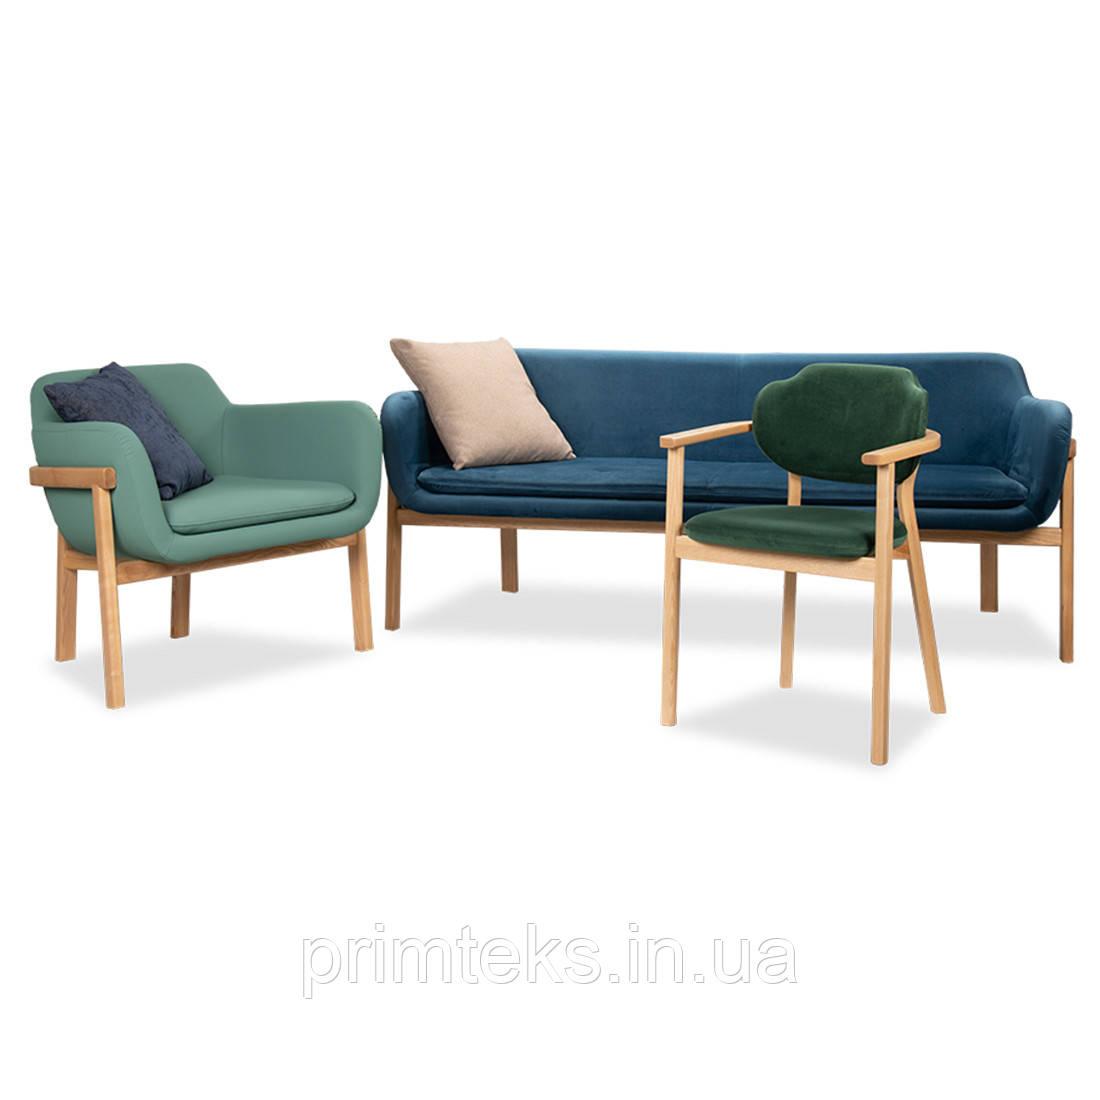 Серия мягкой мебели Айрин